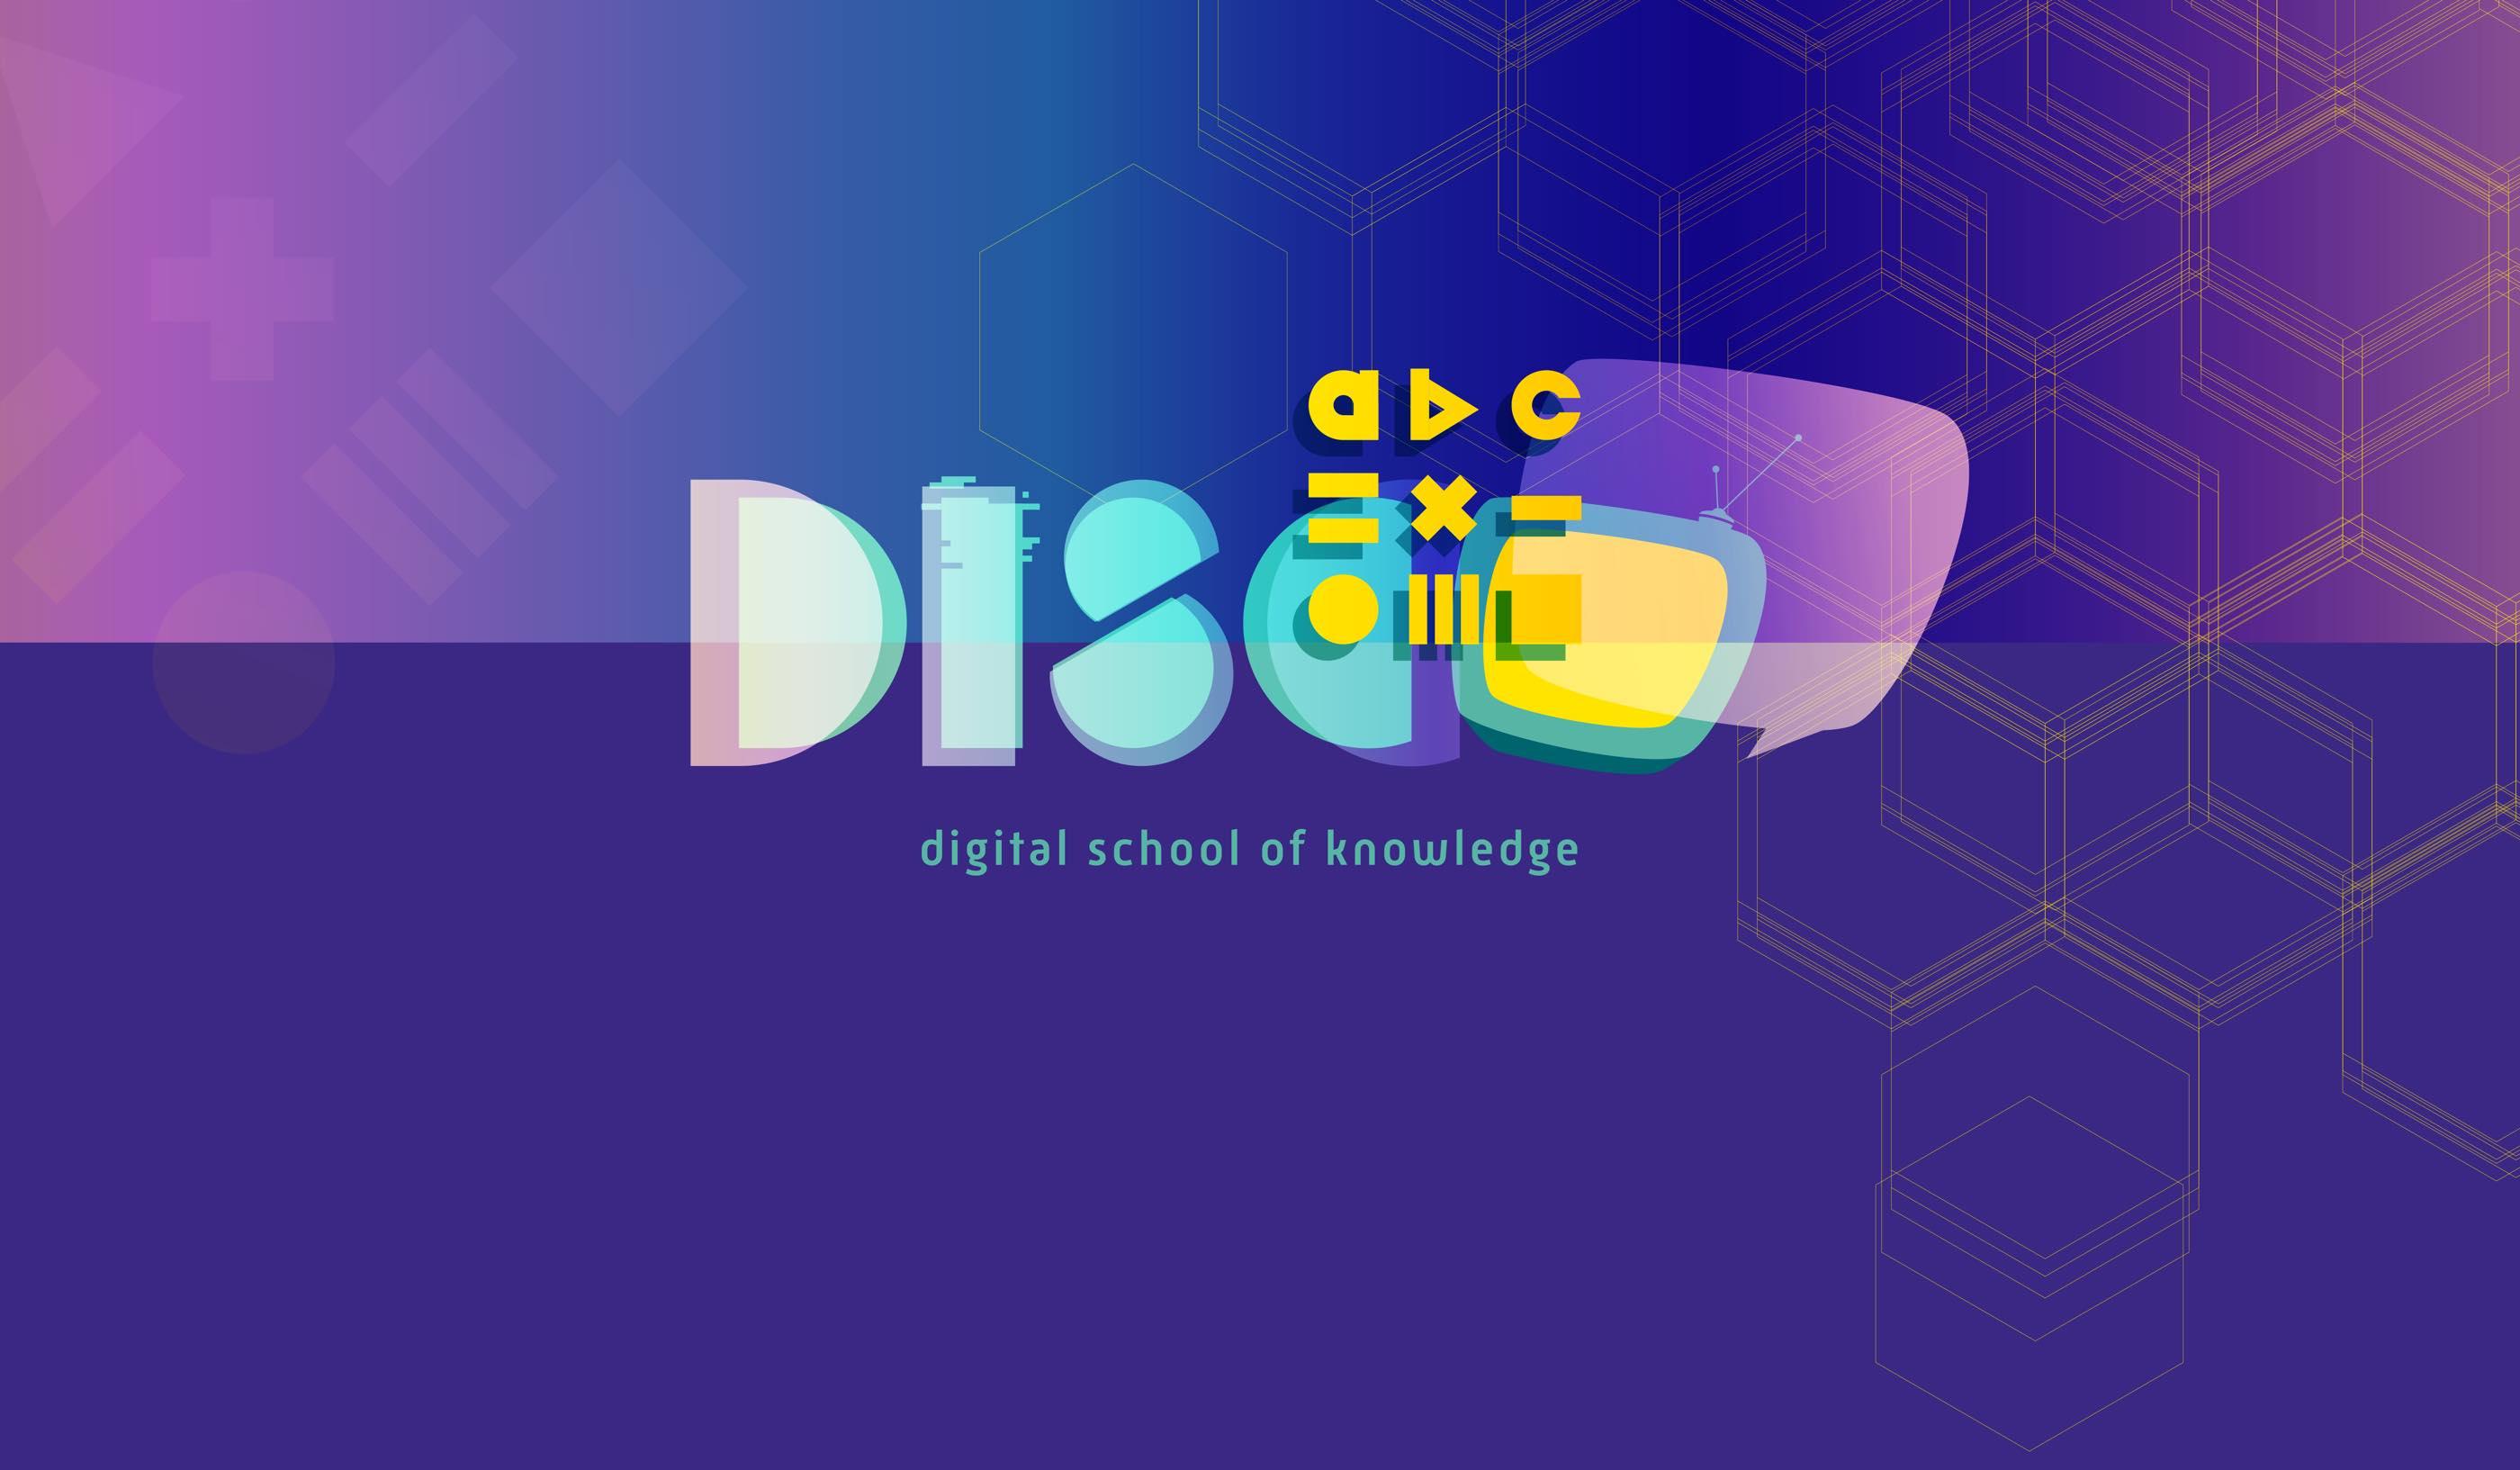 DISCO - digital school of knowledge | digitales Klassenzimmer